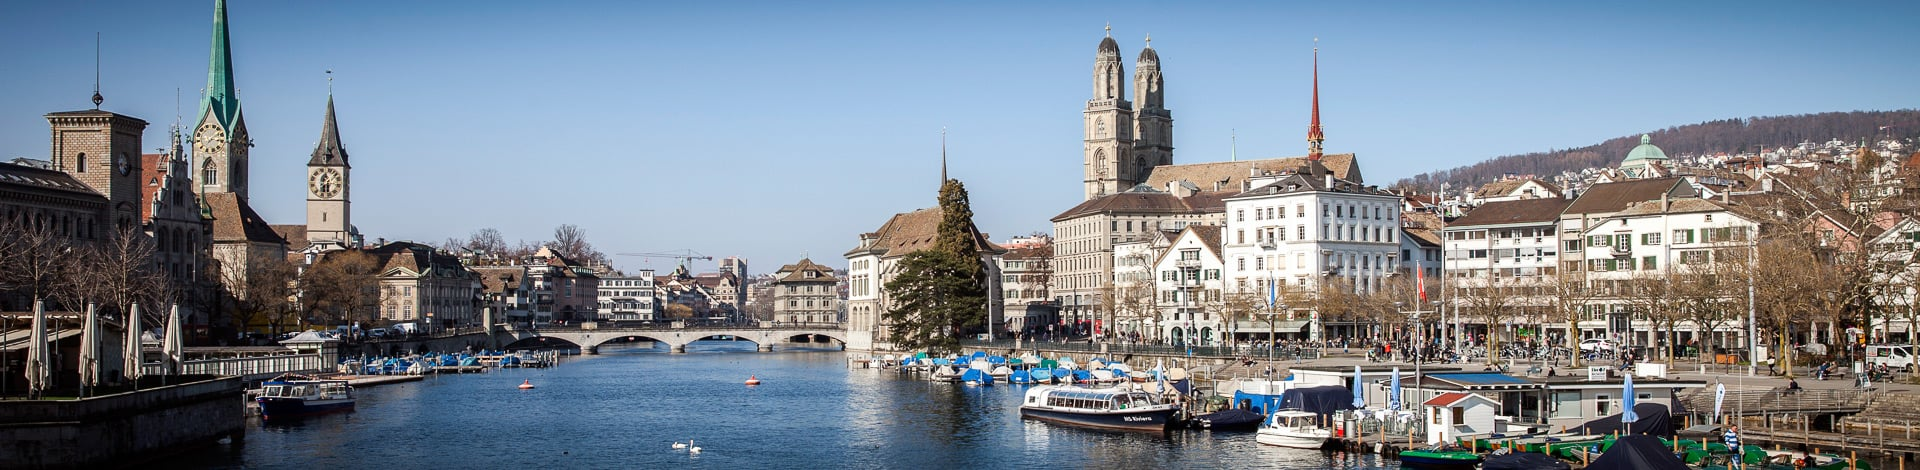 Die Mobiliar in Zürich